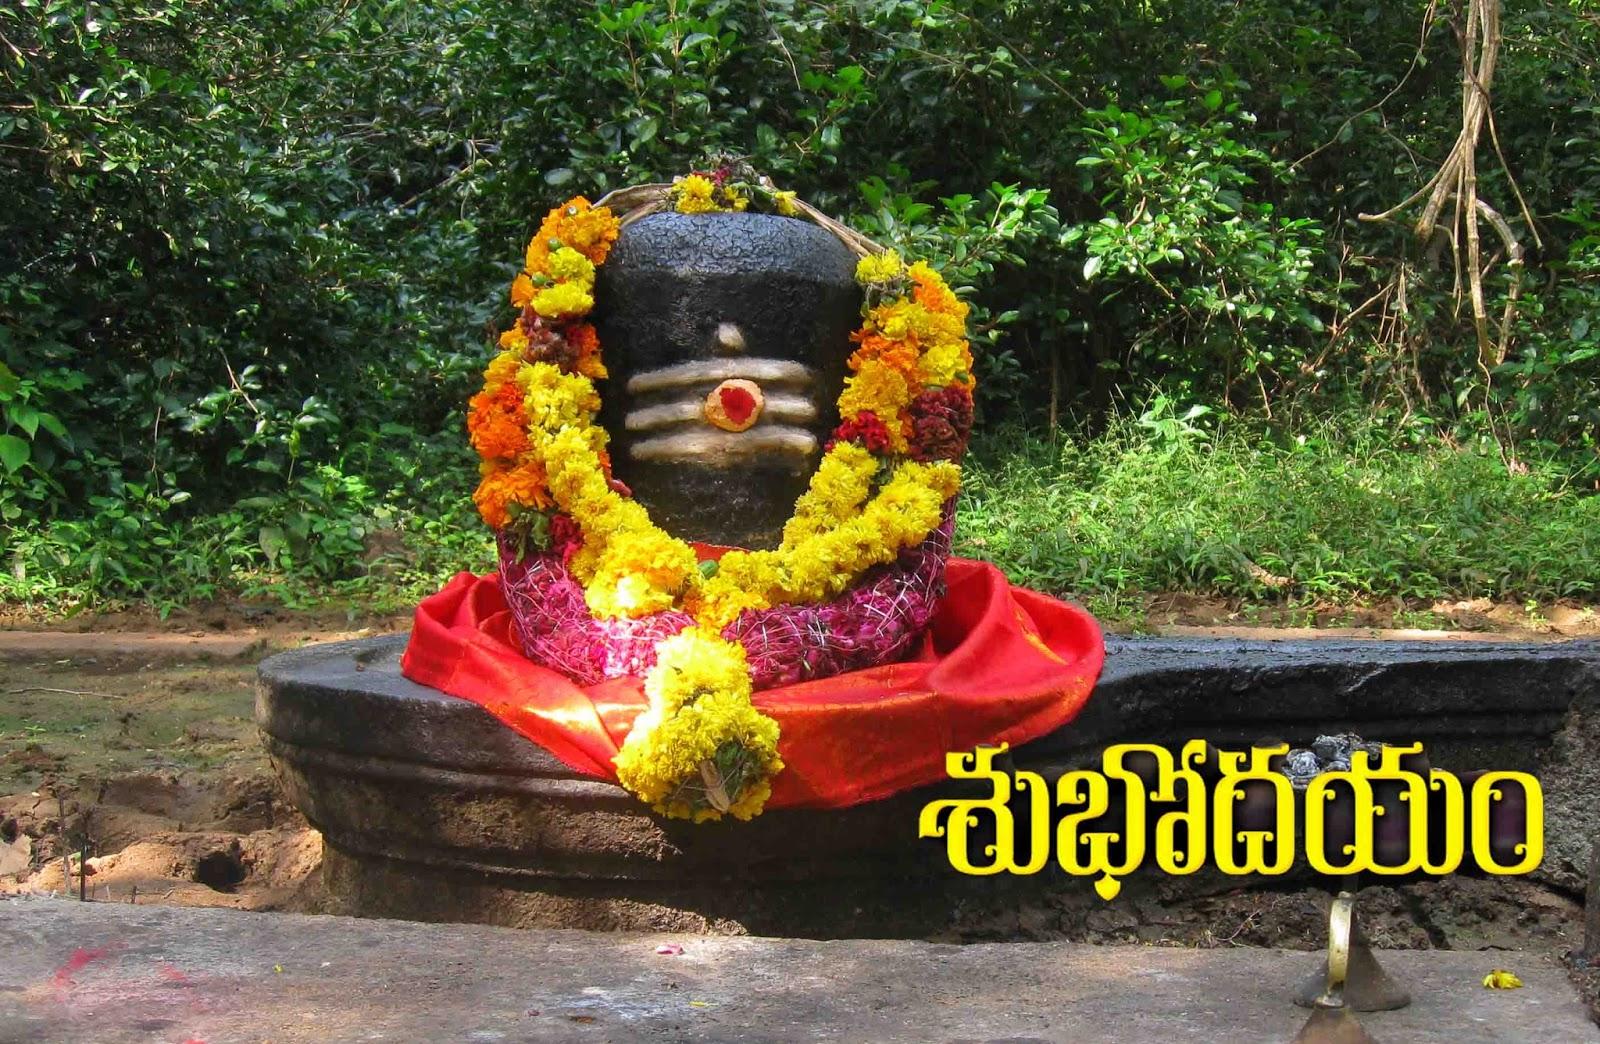 Telugu Lord Shiva Good Morning Happy Monday Images